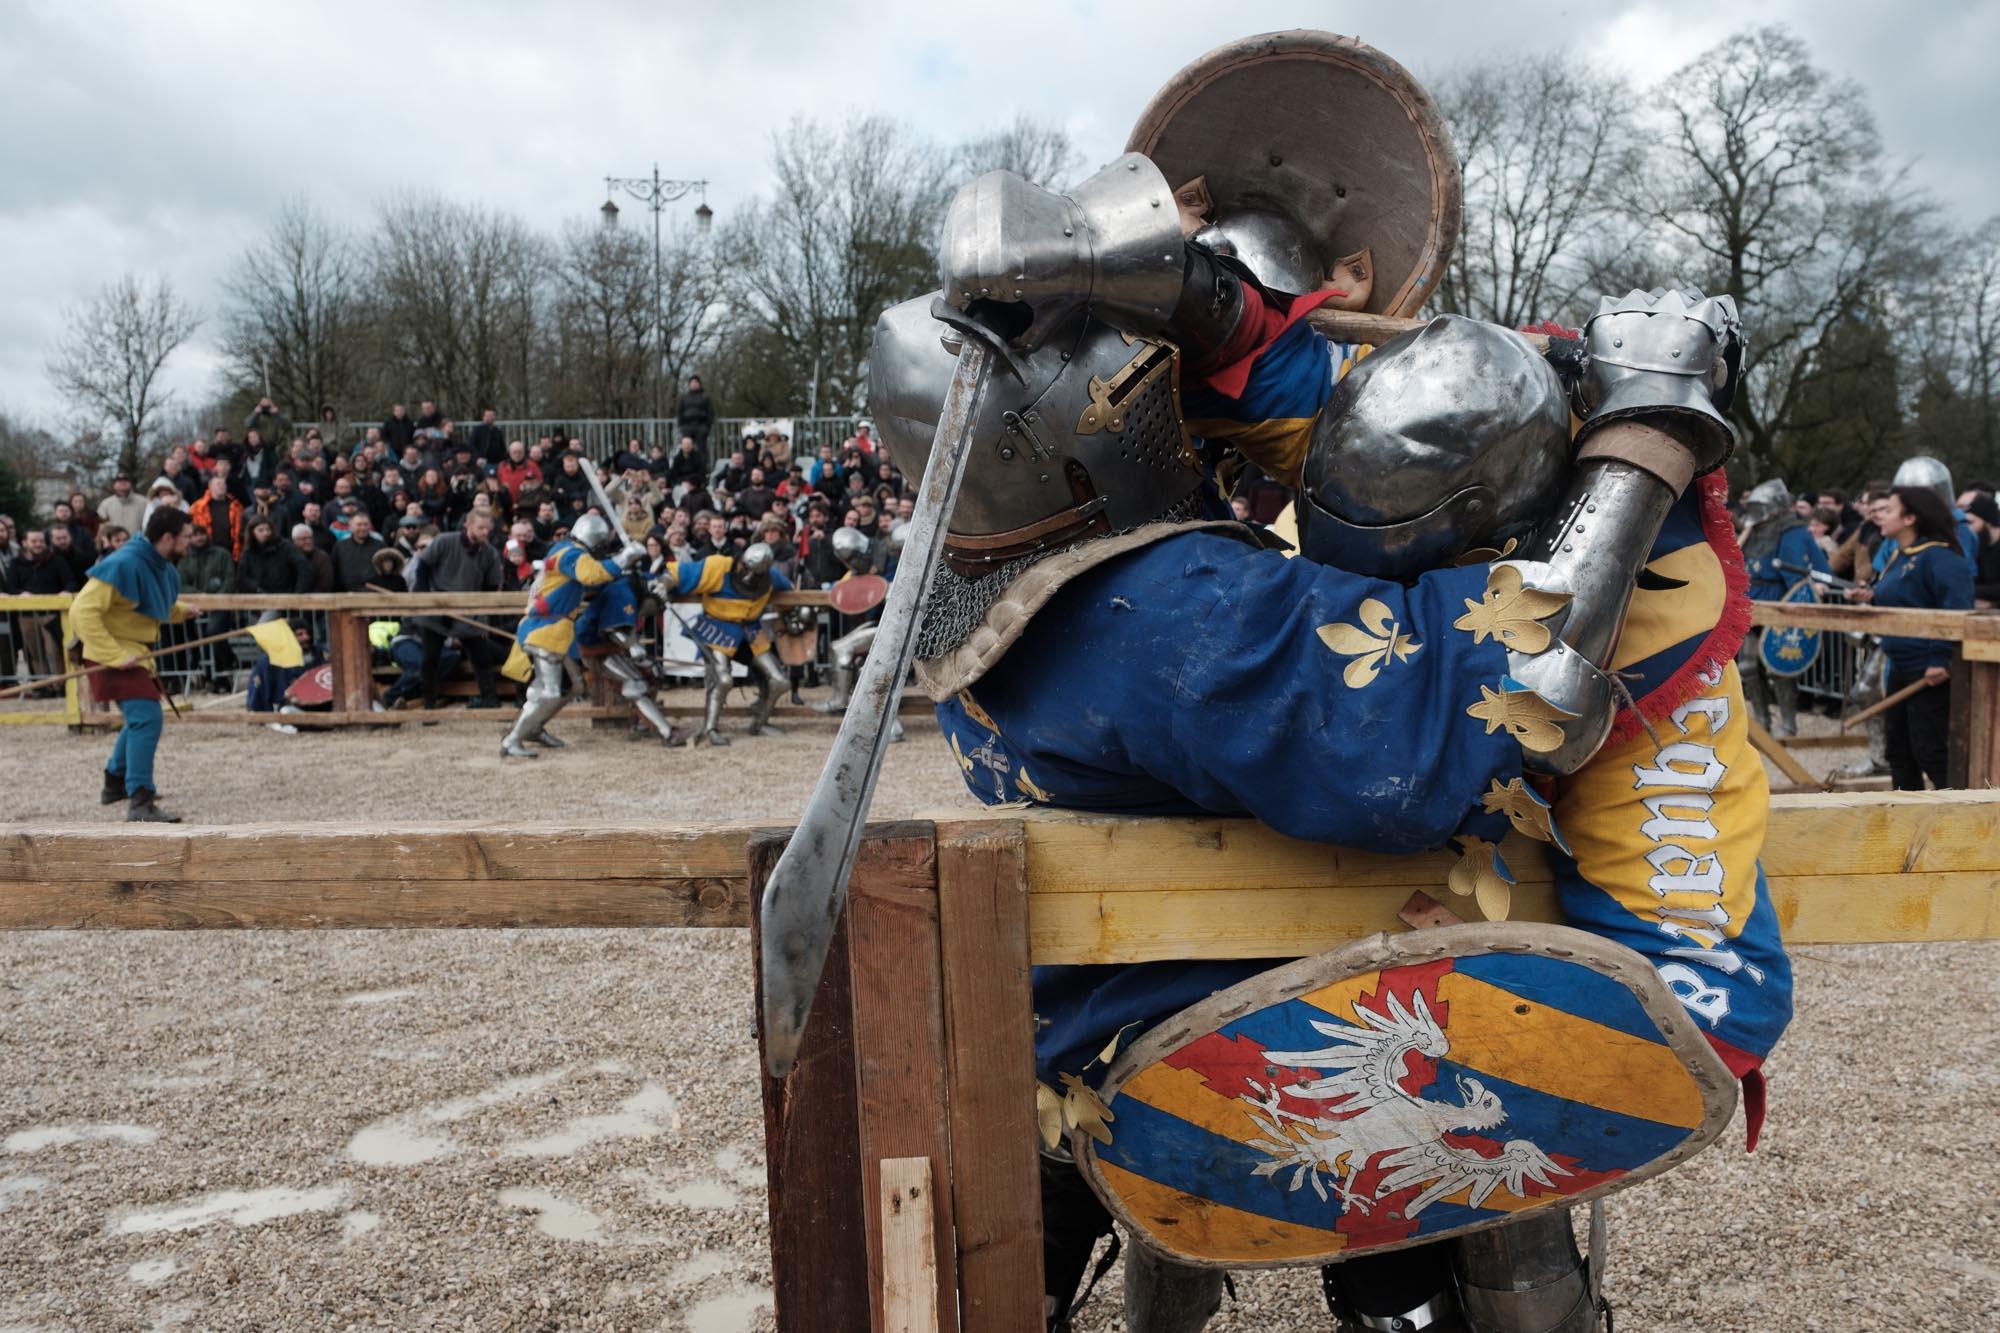 Un combattant de l'equipe Aquila Sequania (Franche Comte) affronte un combattant de l'equipe Martel (Region parisienne) dans un combat de 5 contre 5. Championnat de France de Saint Dizier. Mars 2019.